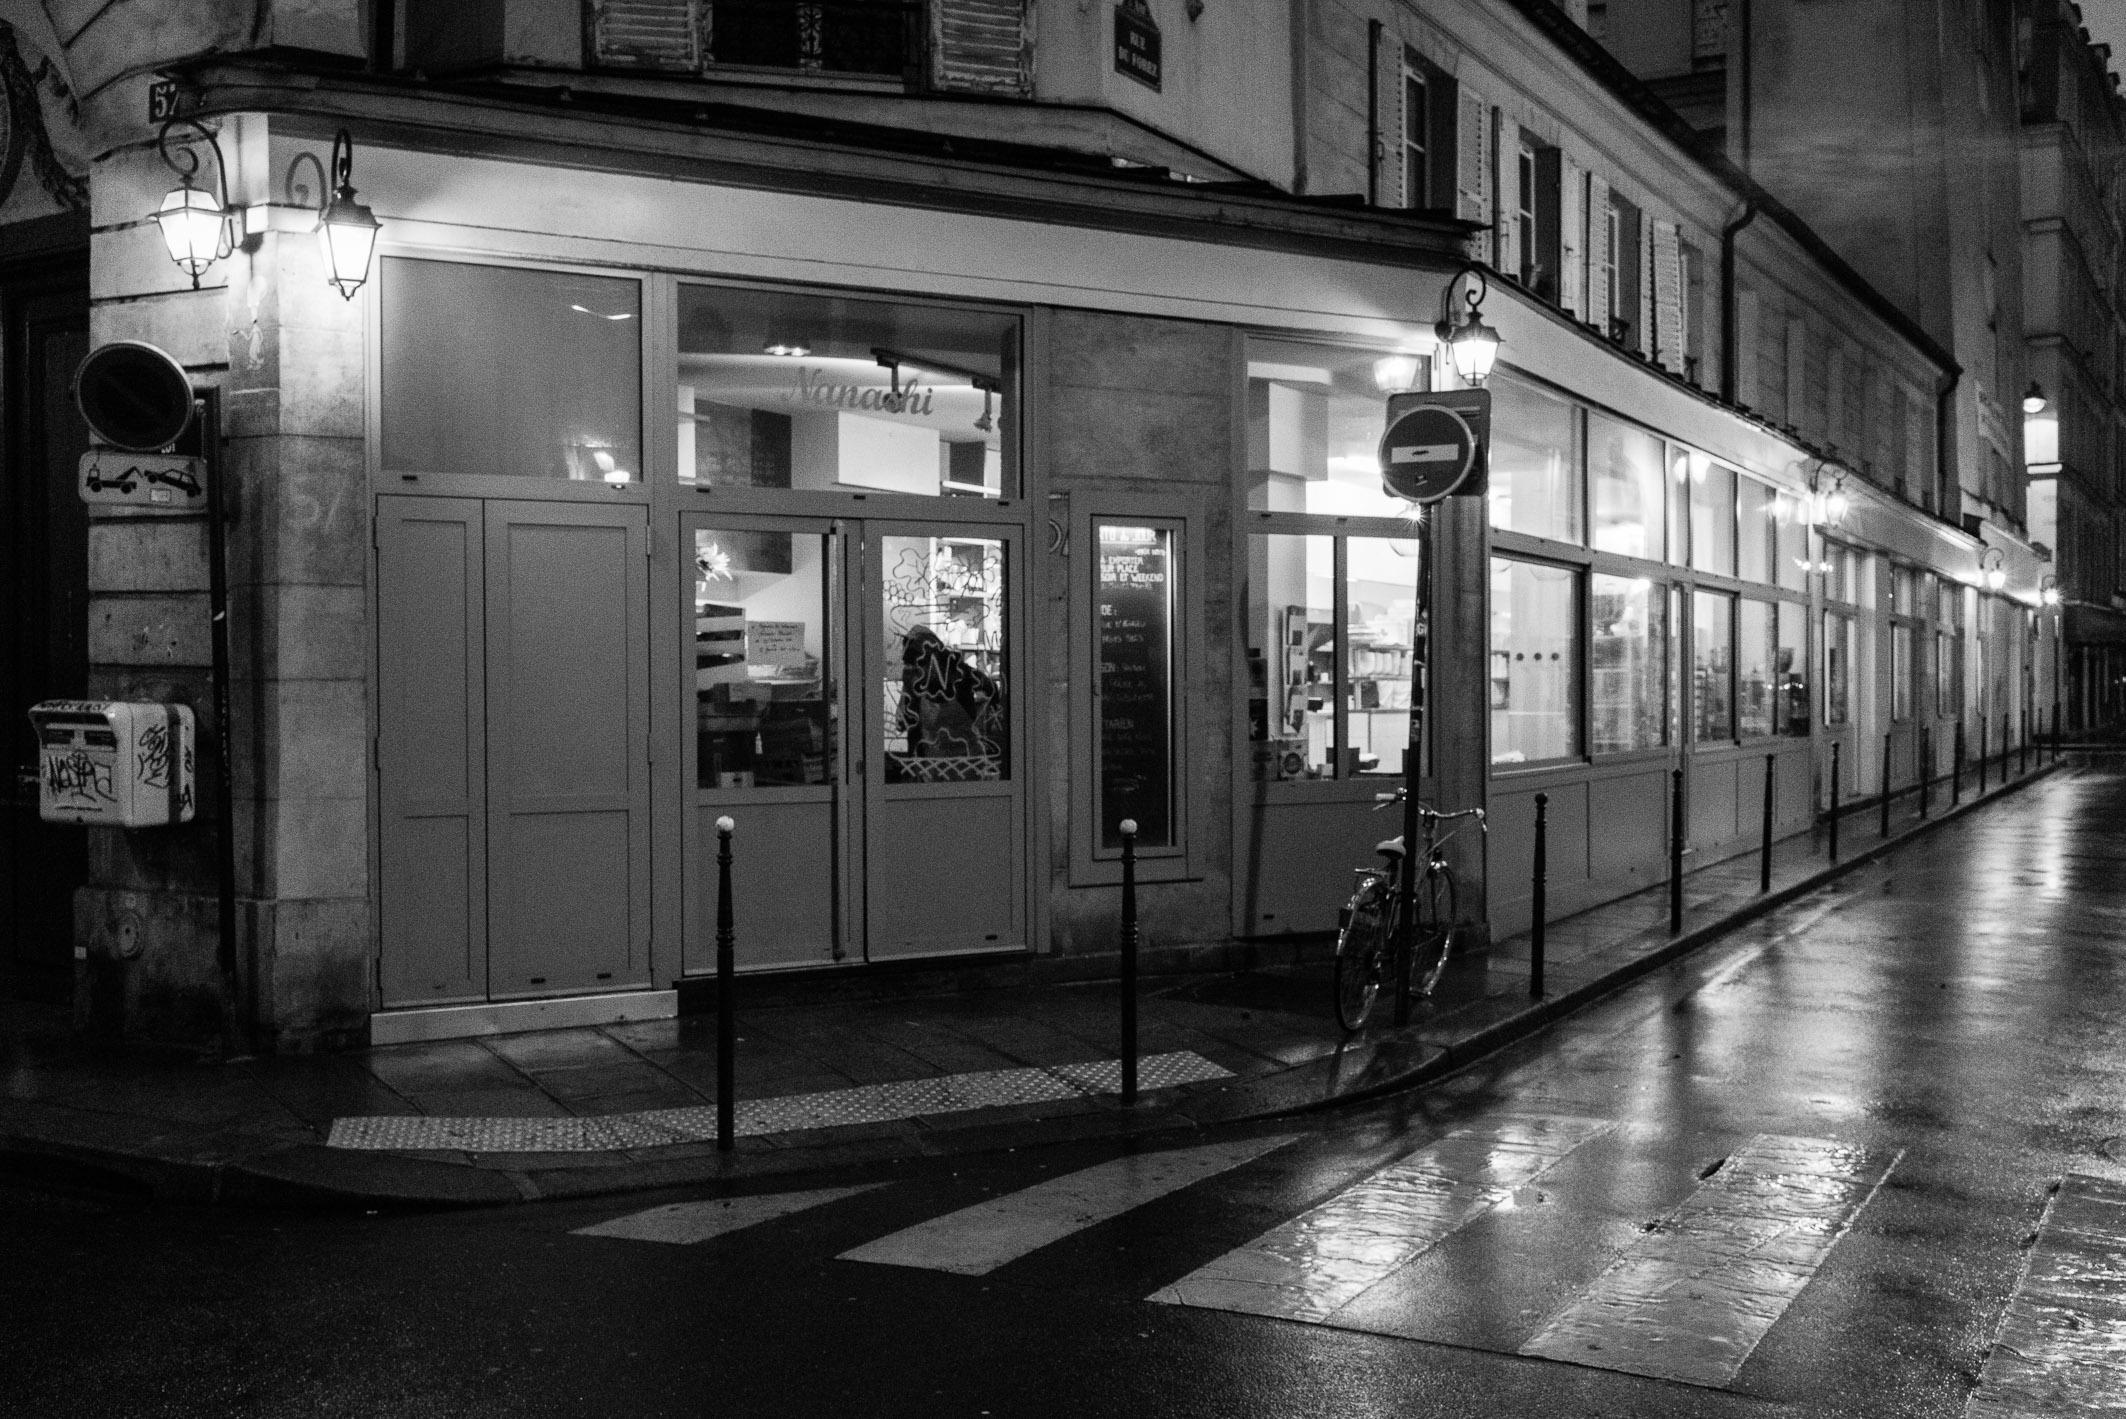 erwt paris-85.jpg